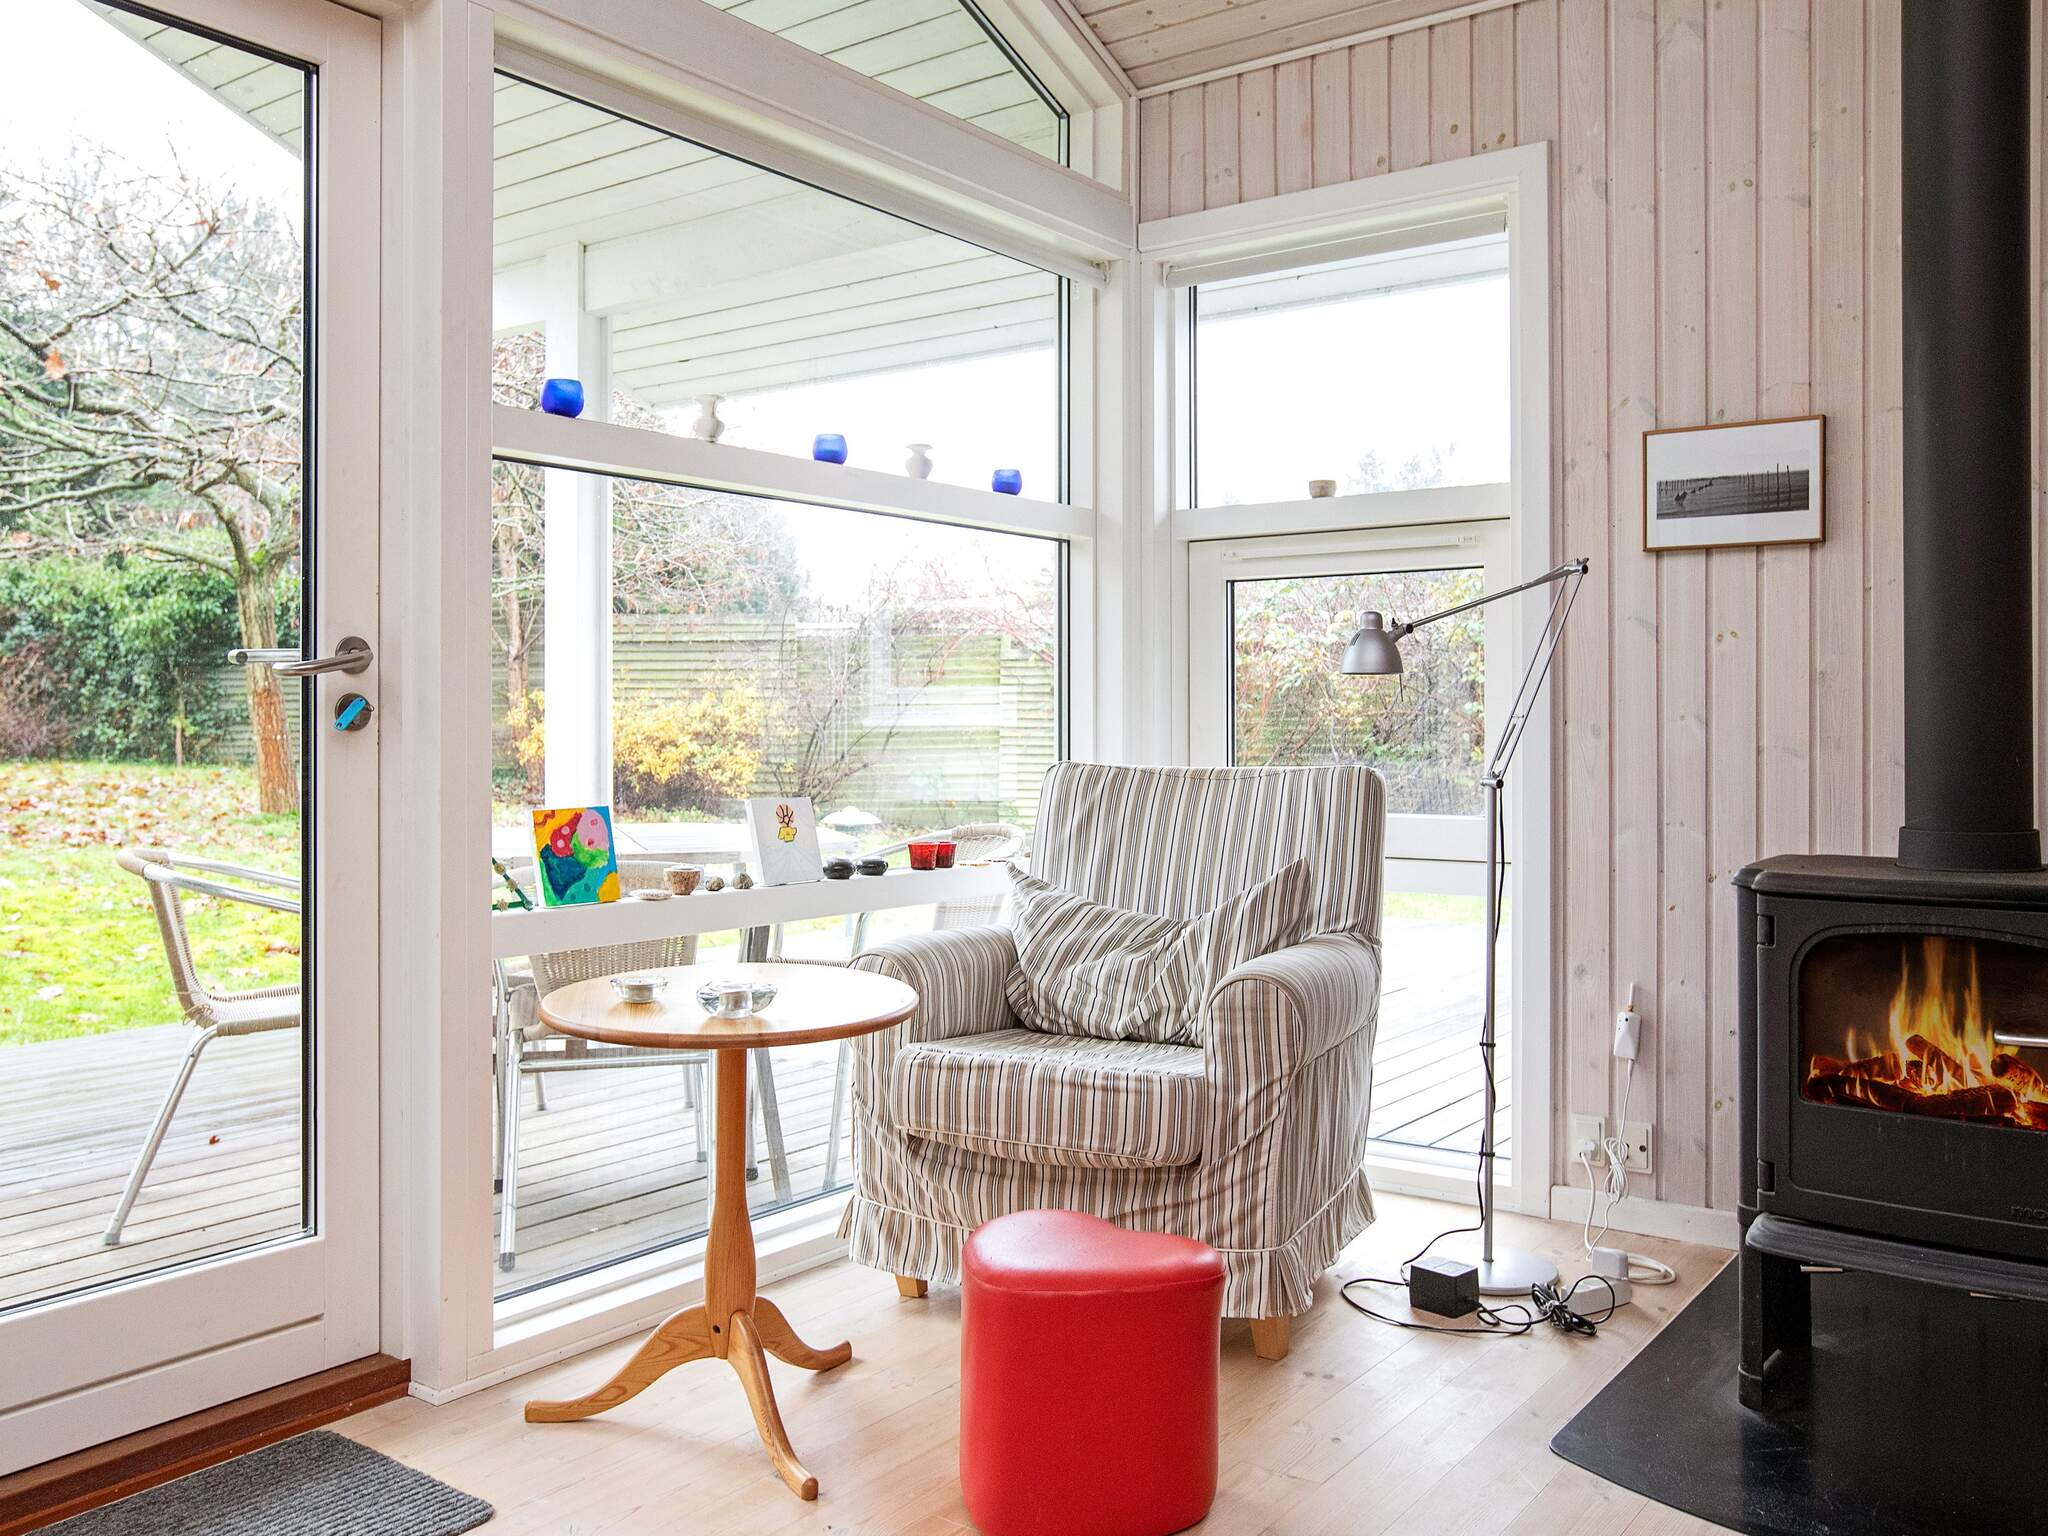 Ferienhaus Vejby (2701529), Vejby, , Nordseeland, Dänemark, Bild 9